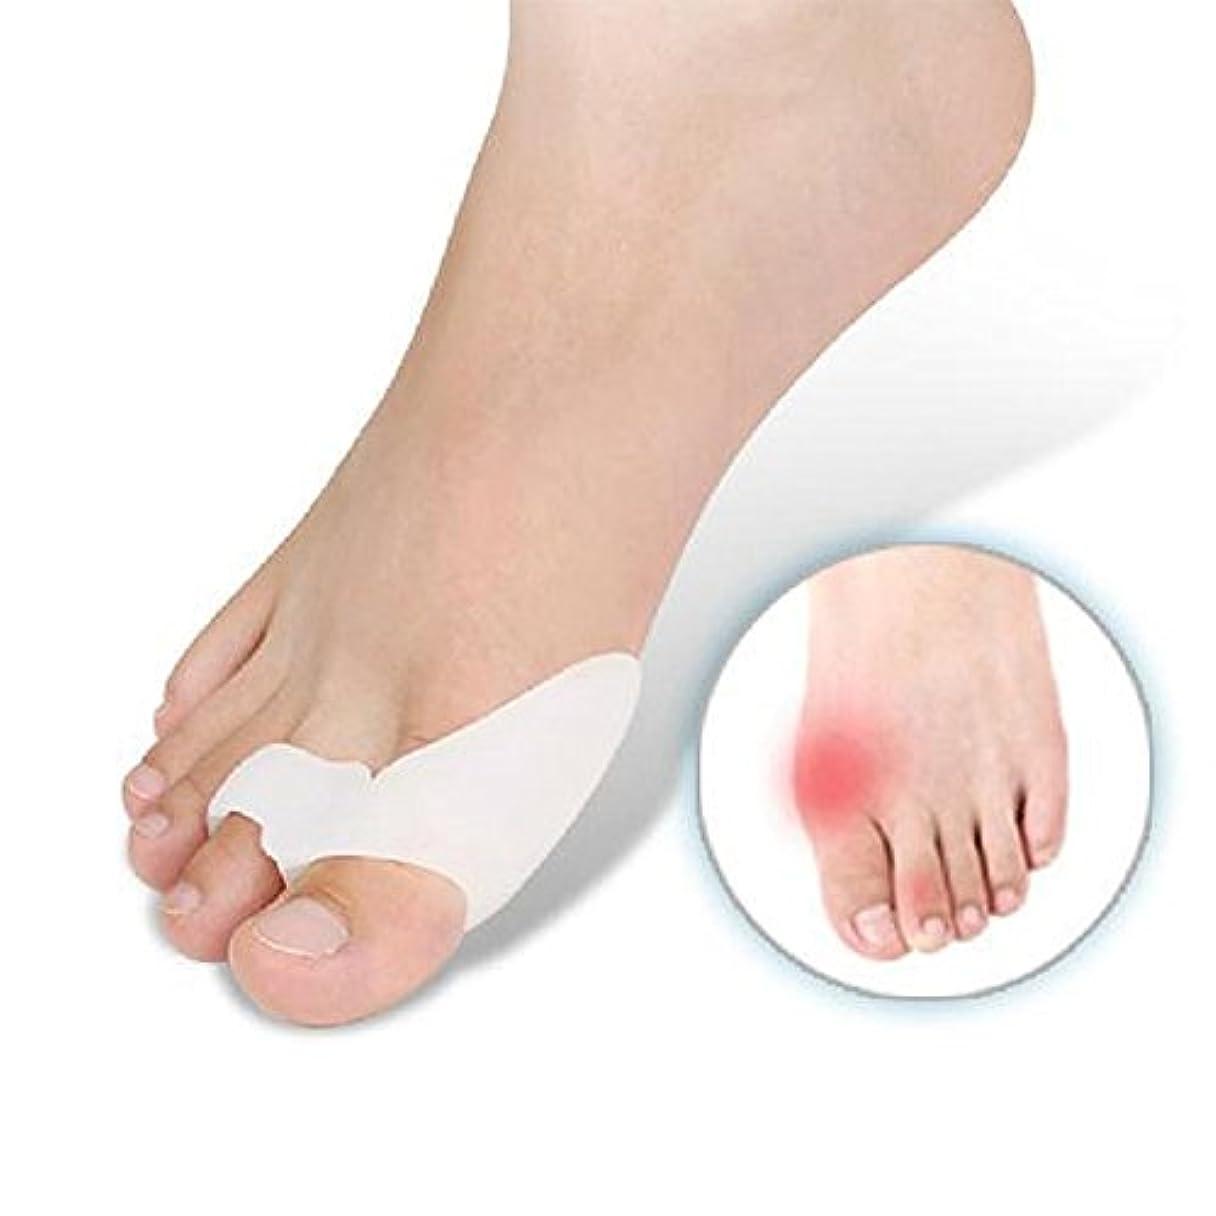 Smato 外反母趾矯正 シリコンパッド 足指サポーター フットケア 矯正 健康グッズ ヘルス クッション 足の痛み ト 衝撃吸収 両足セット (フリーサイズ, ホワイト)